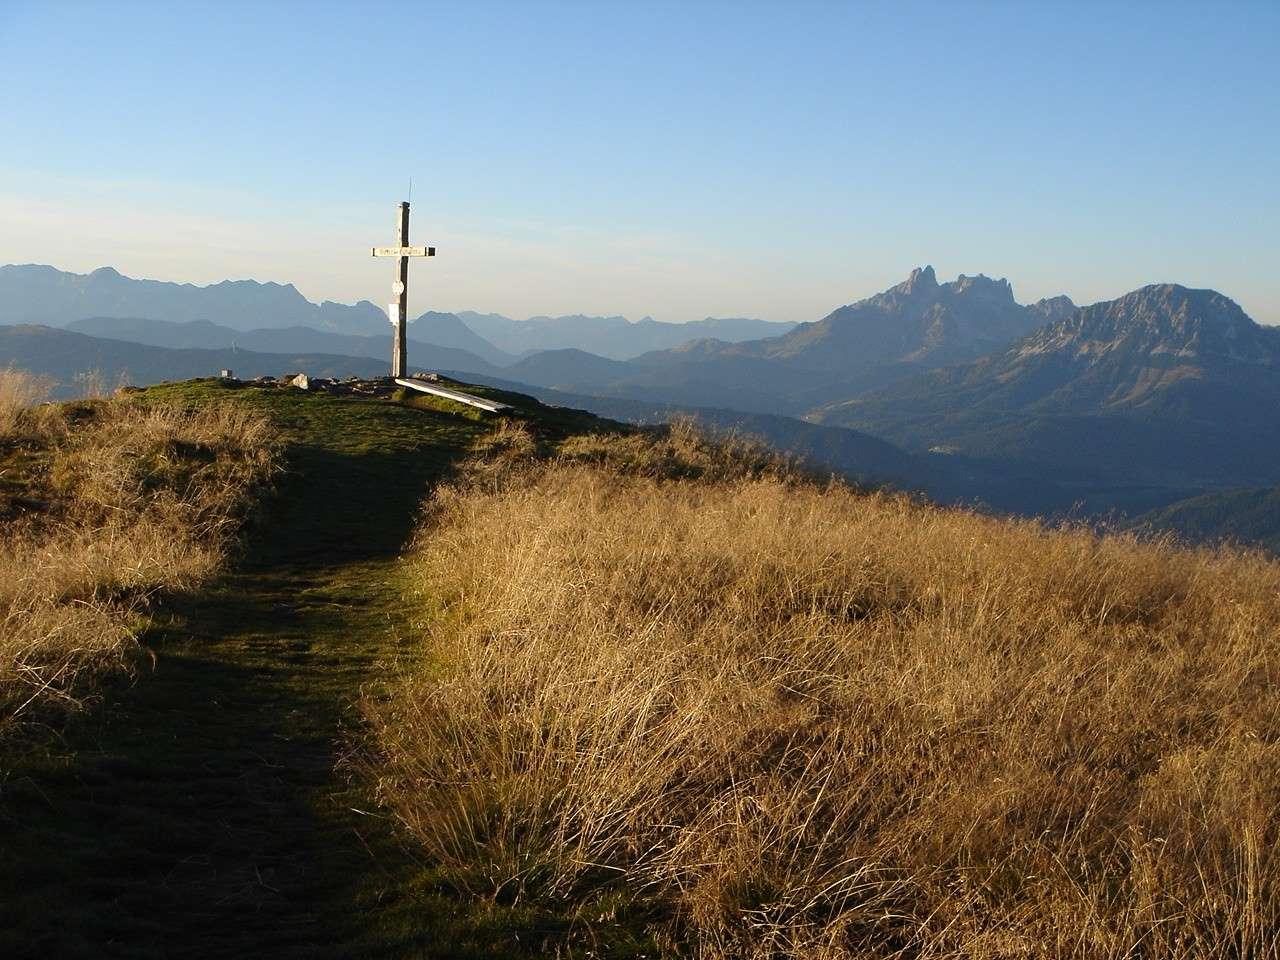 Foto: Manfred Karl / Wander Tour / Gipfelrunde von der Reiteralm auf den Schober (2133m) / Gasselhöhe / 19.06.2007 05:54:02